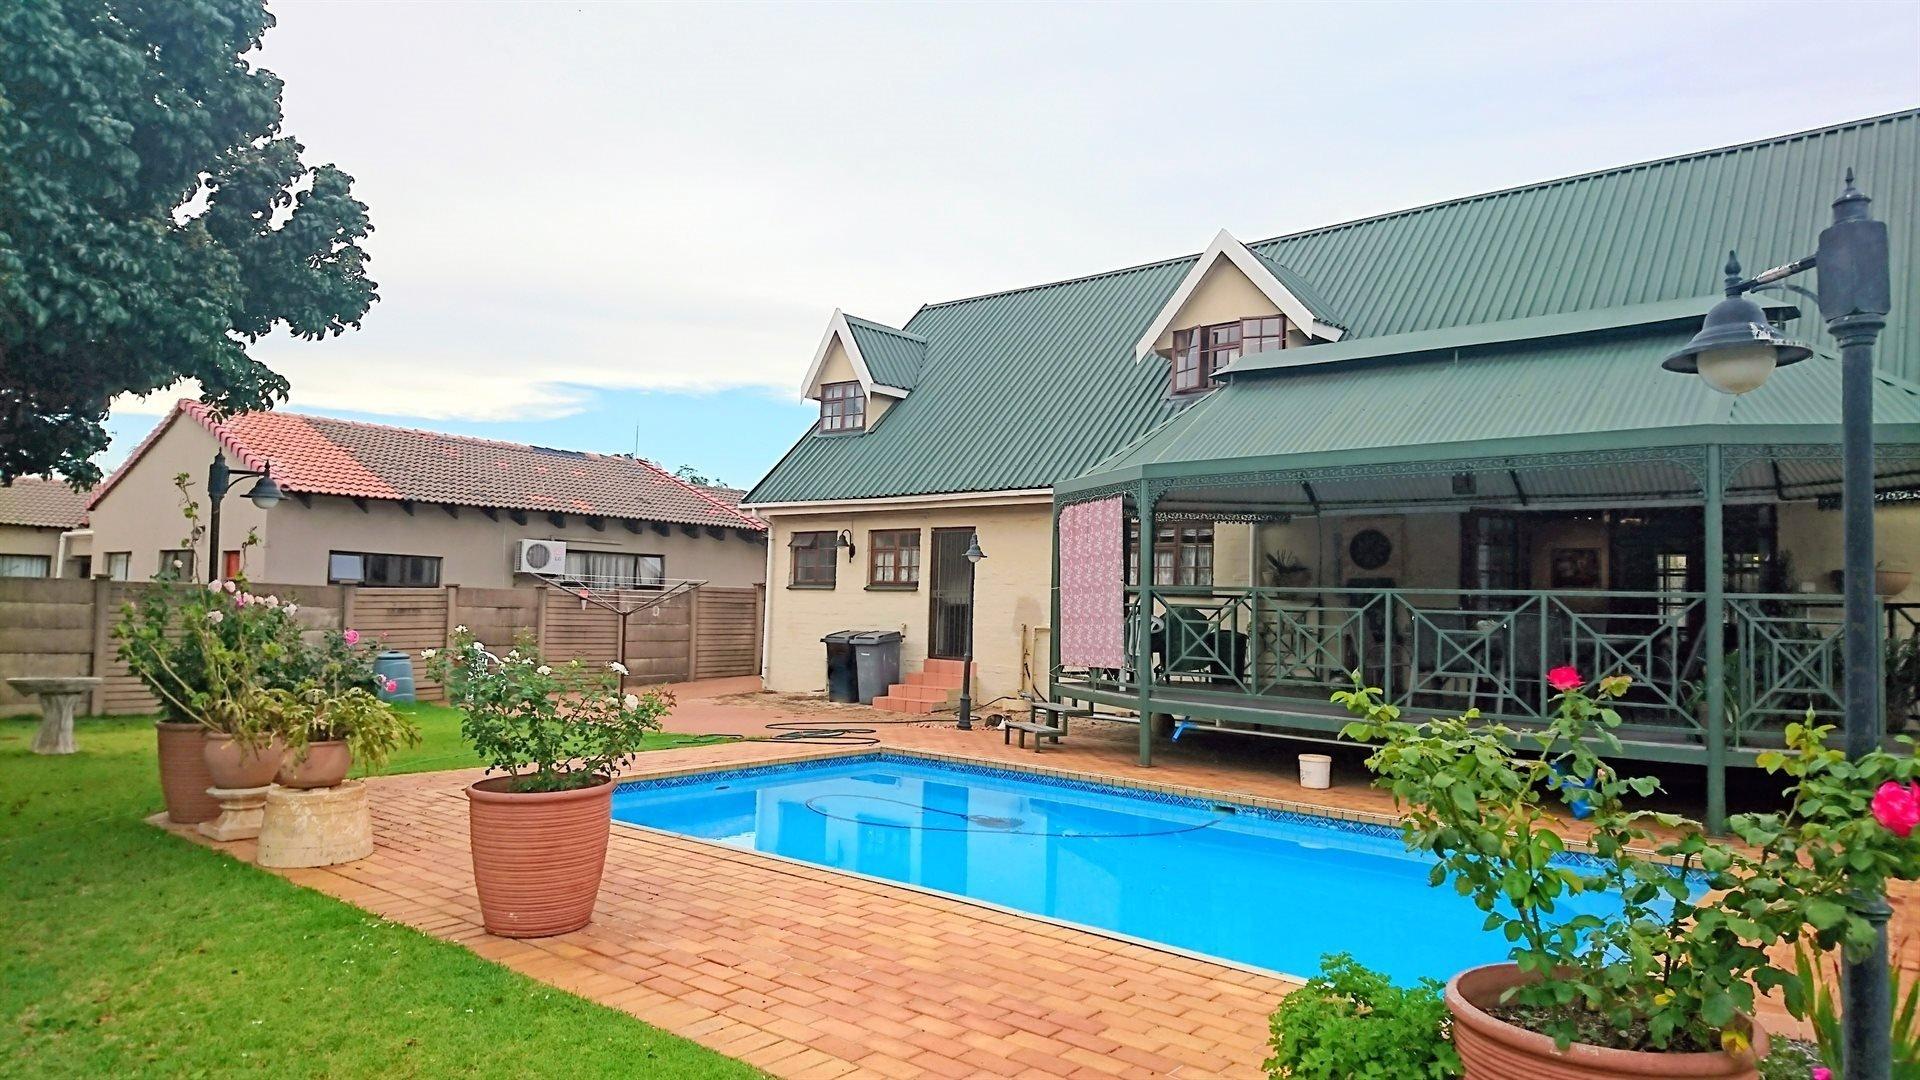 Pretoria, Amandasig Property  | Houses For Sale Amandasig, Amandasig, House 3 bedrooms property for sale Price:1,600,000